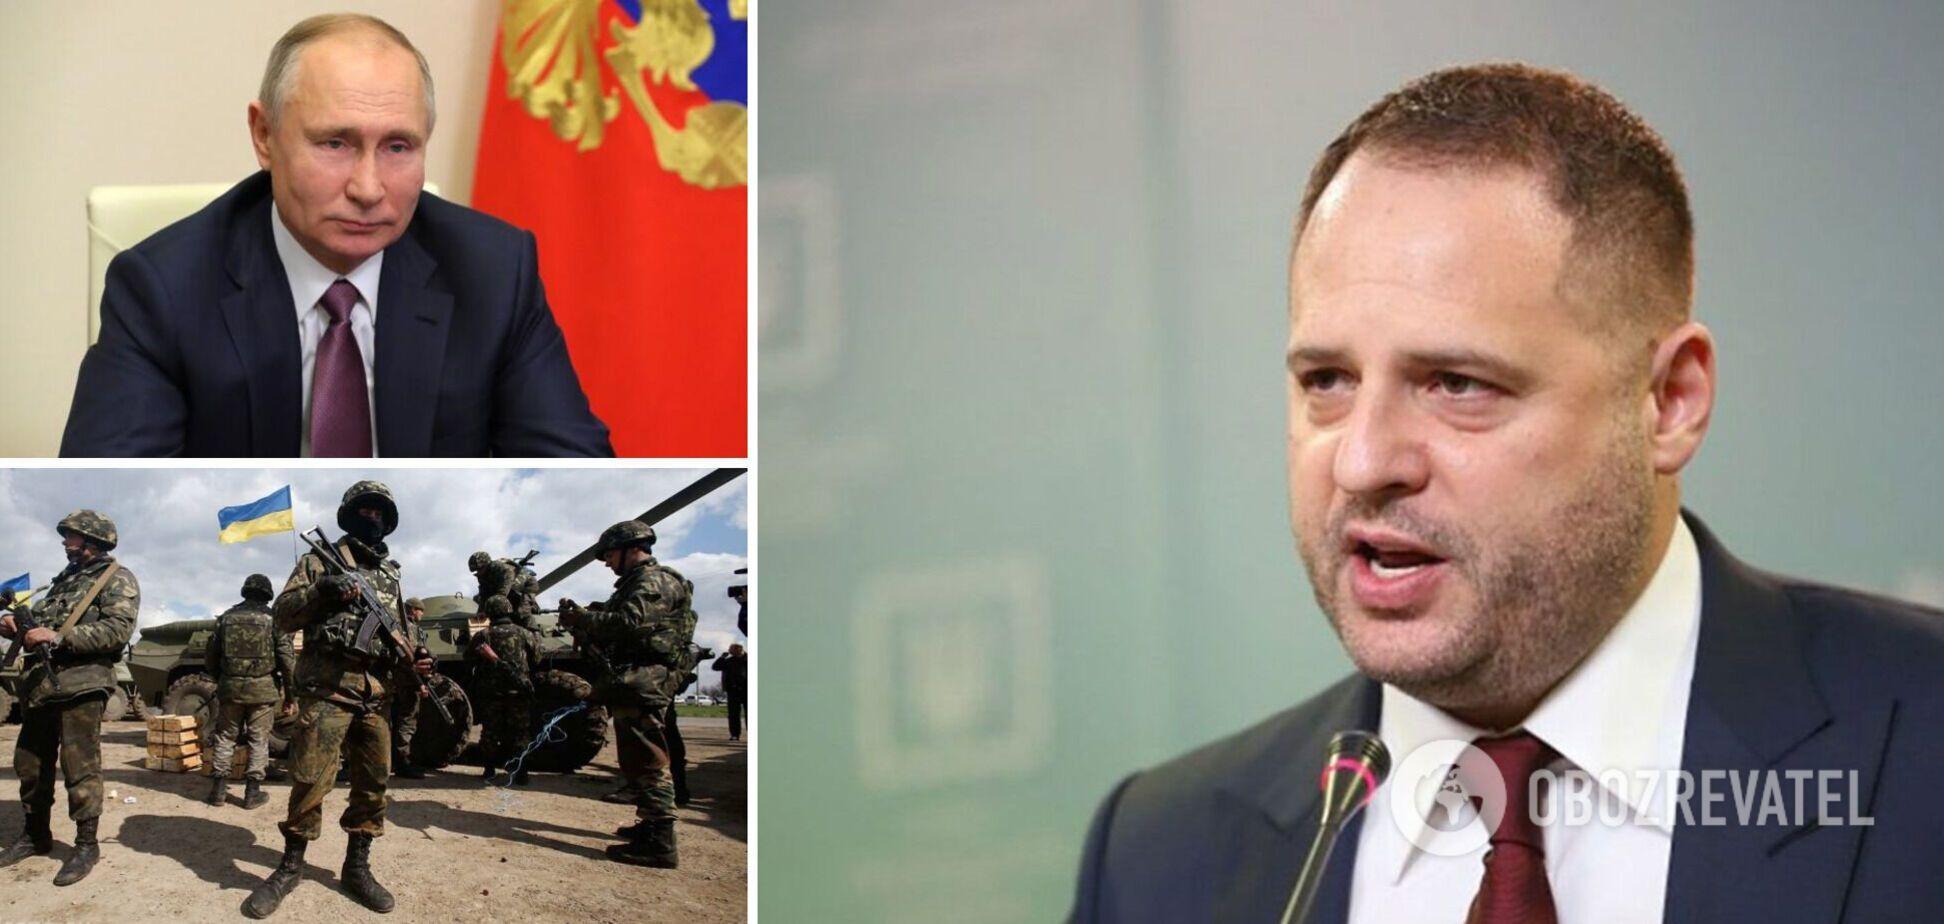 Ждут ли Путина в Киеве и как завершить войну на Донбассе: главное из интервью Ермака